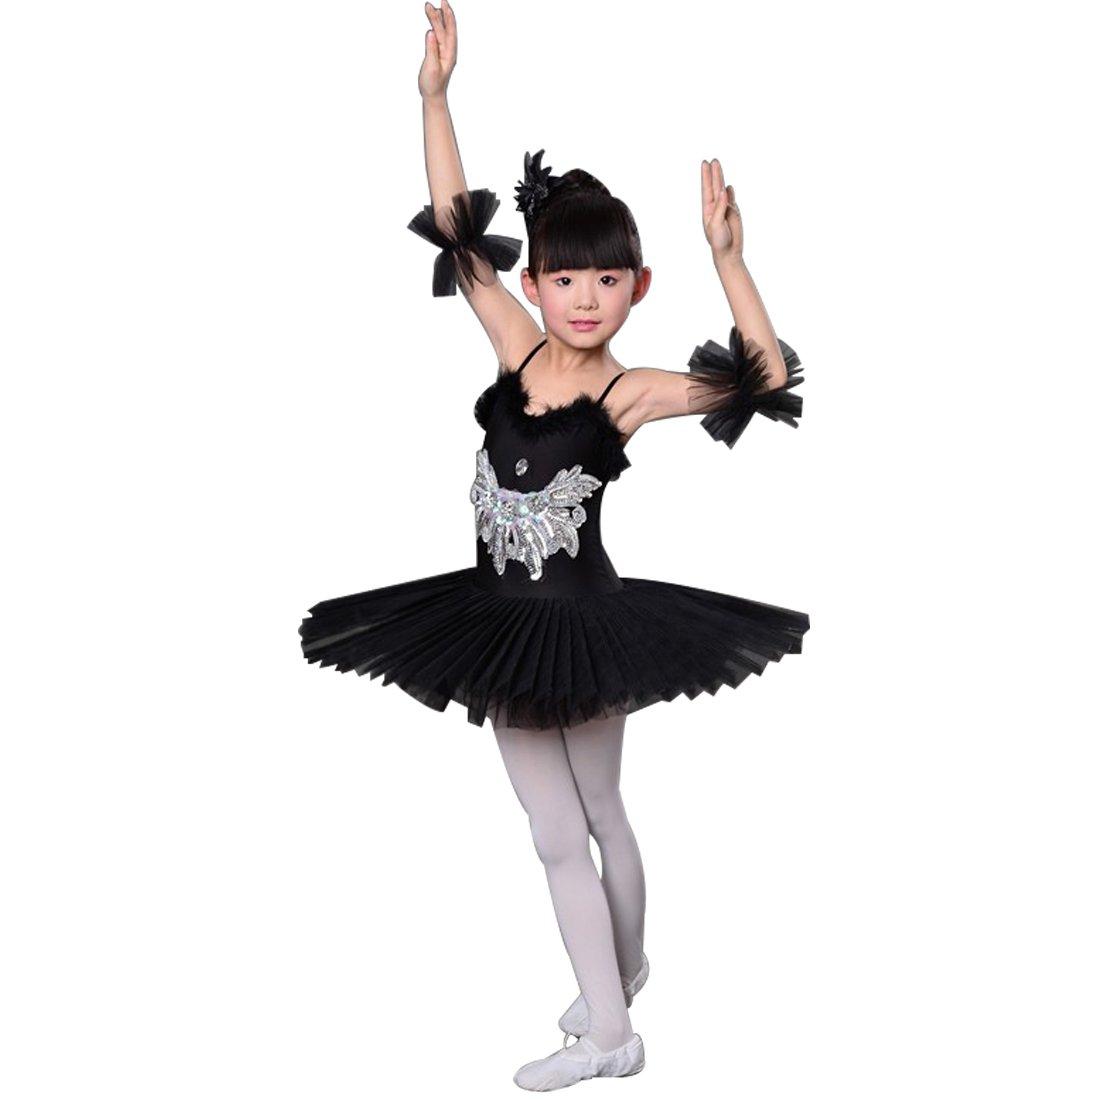 danser filles première grosse bite histoire